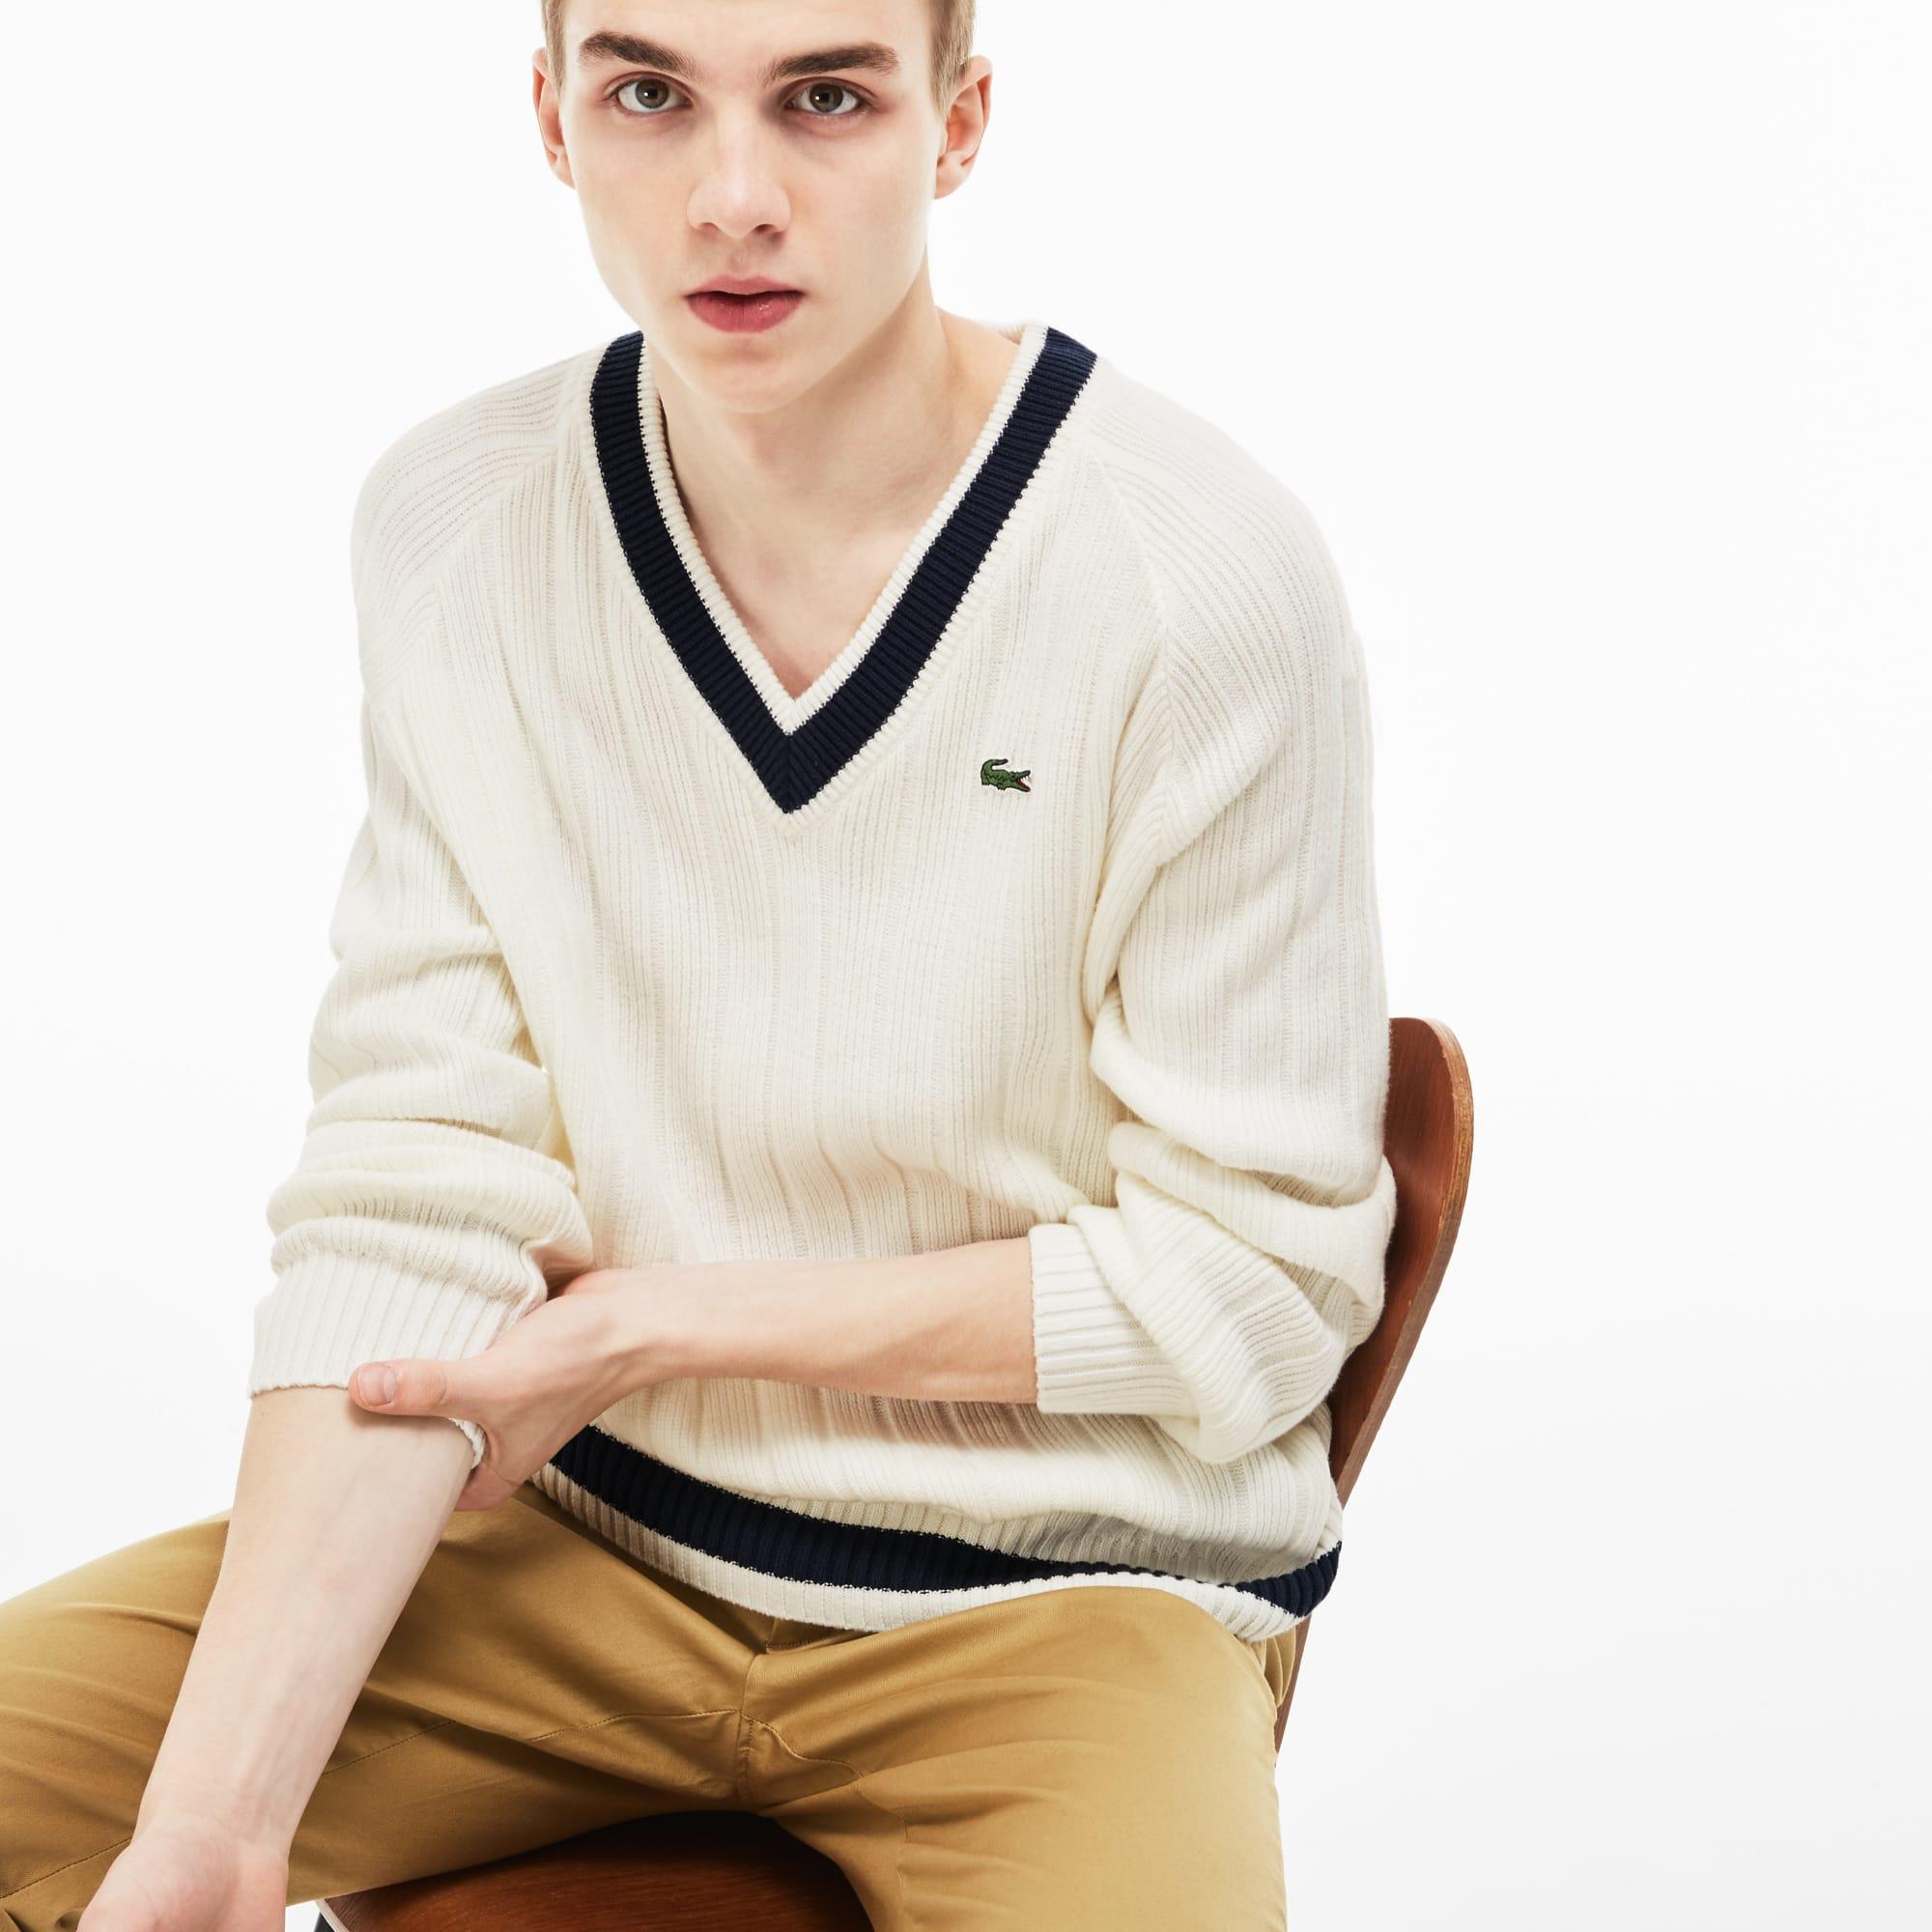 Gerippter Herren-Pullover mit V-Ausschnitt LACOSTE L!VE